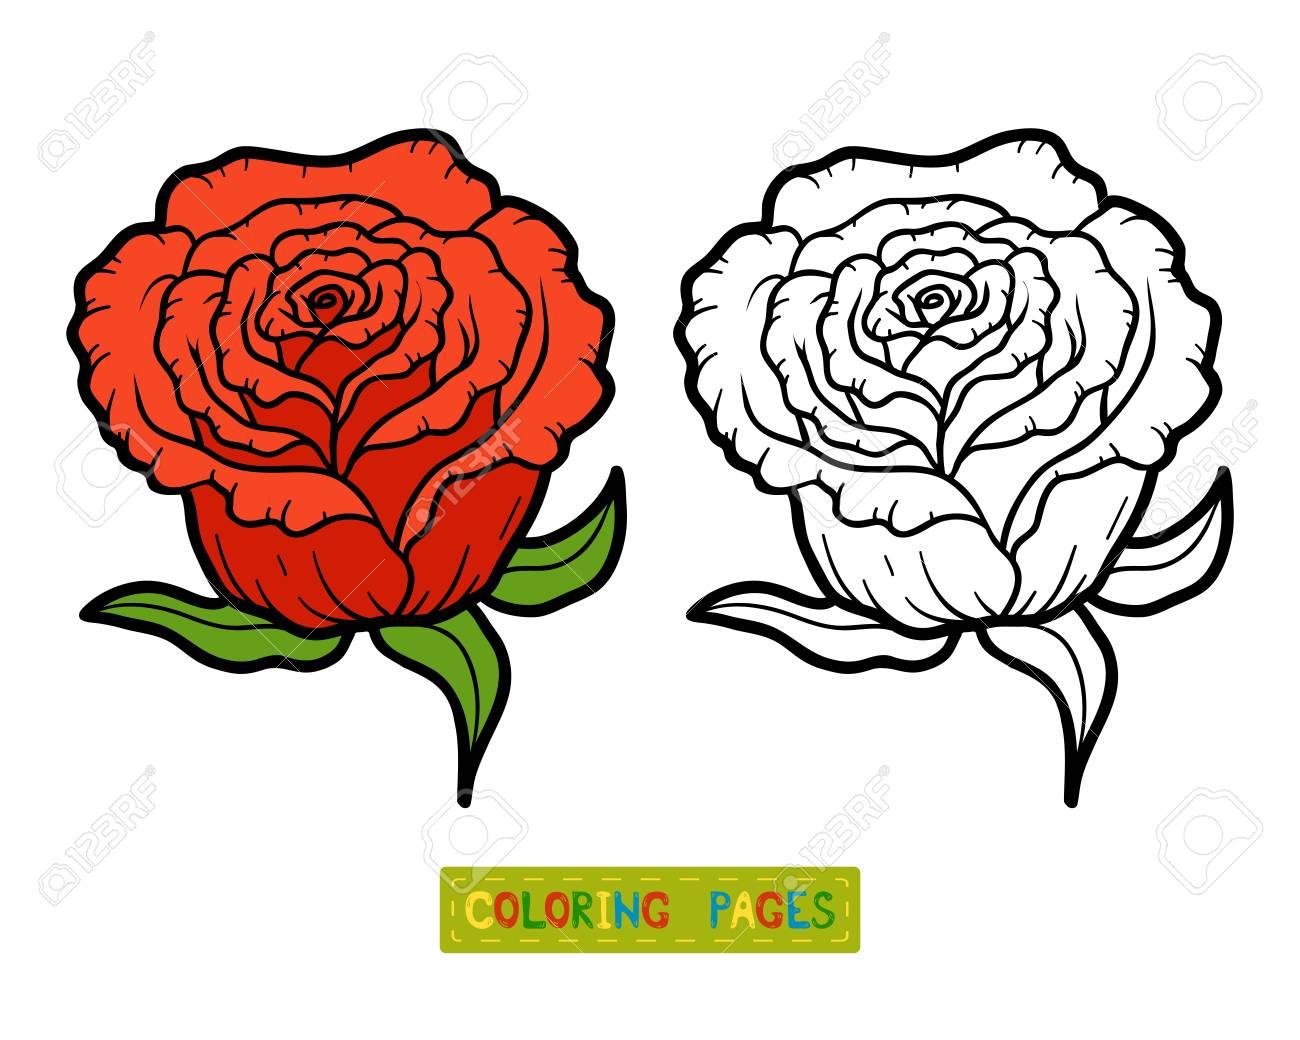 バラの花の子供のための塗り絵のイラスト素材ベクタ Image 66627756